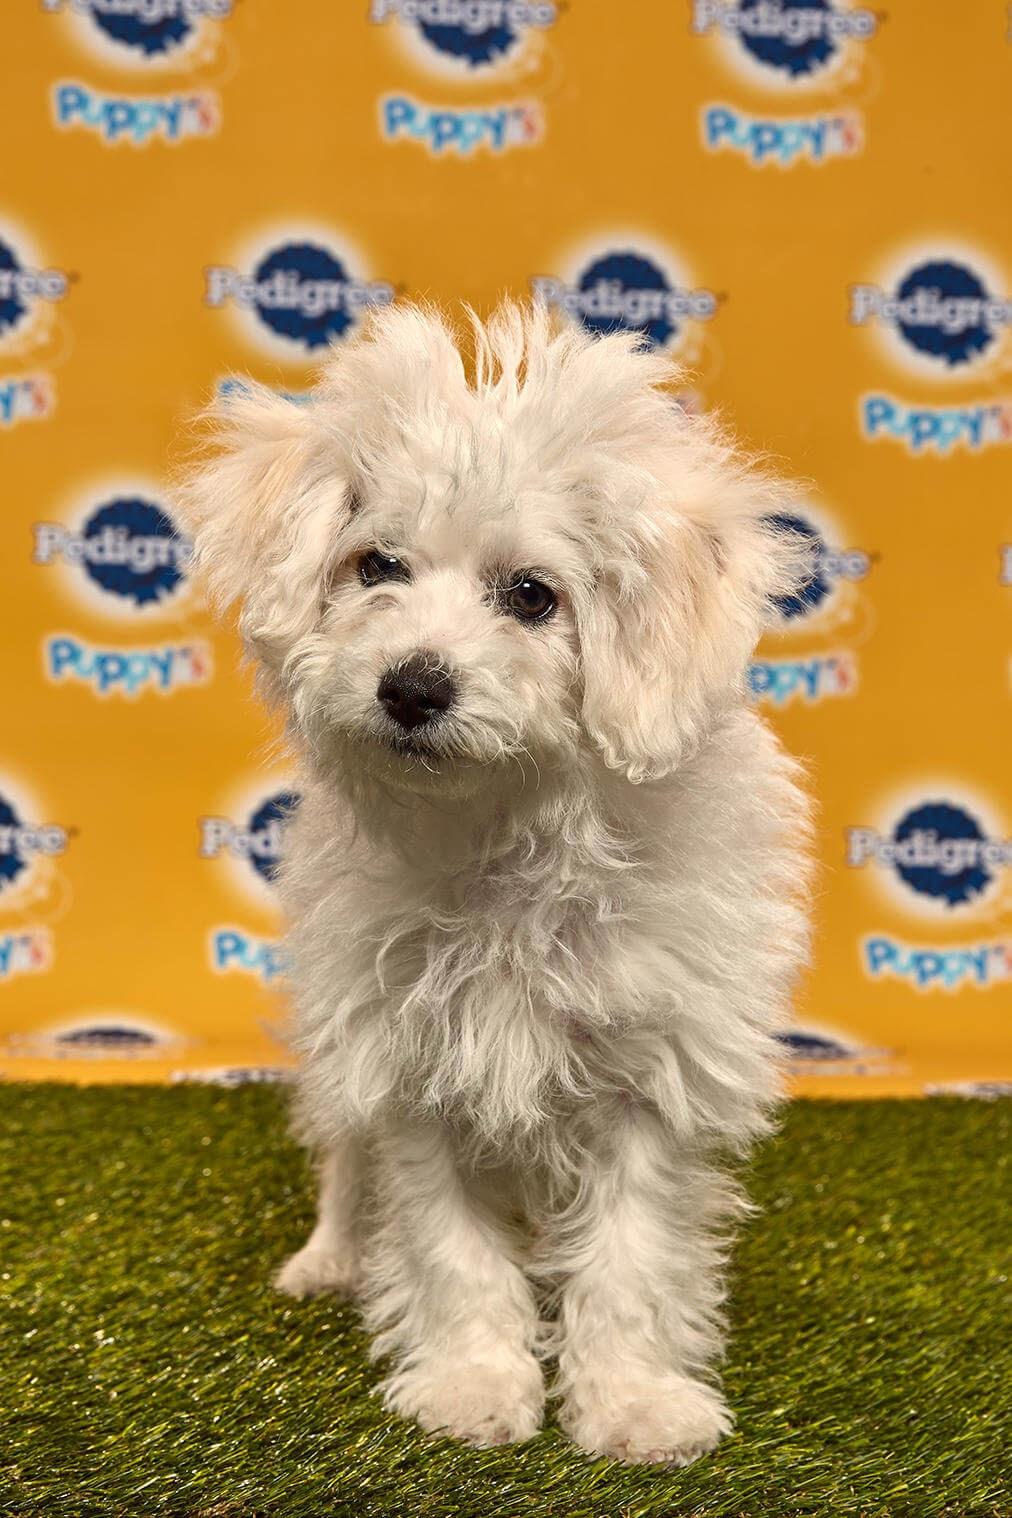 Wilbur dog - Animal Planet